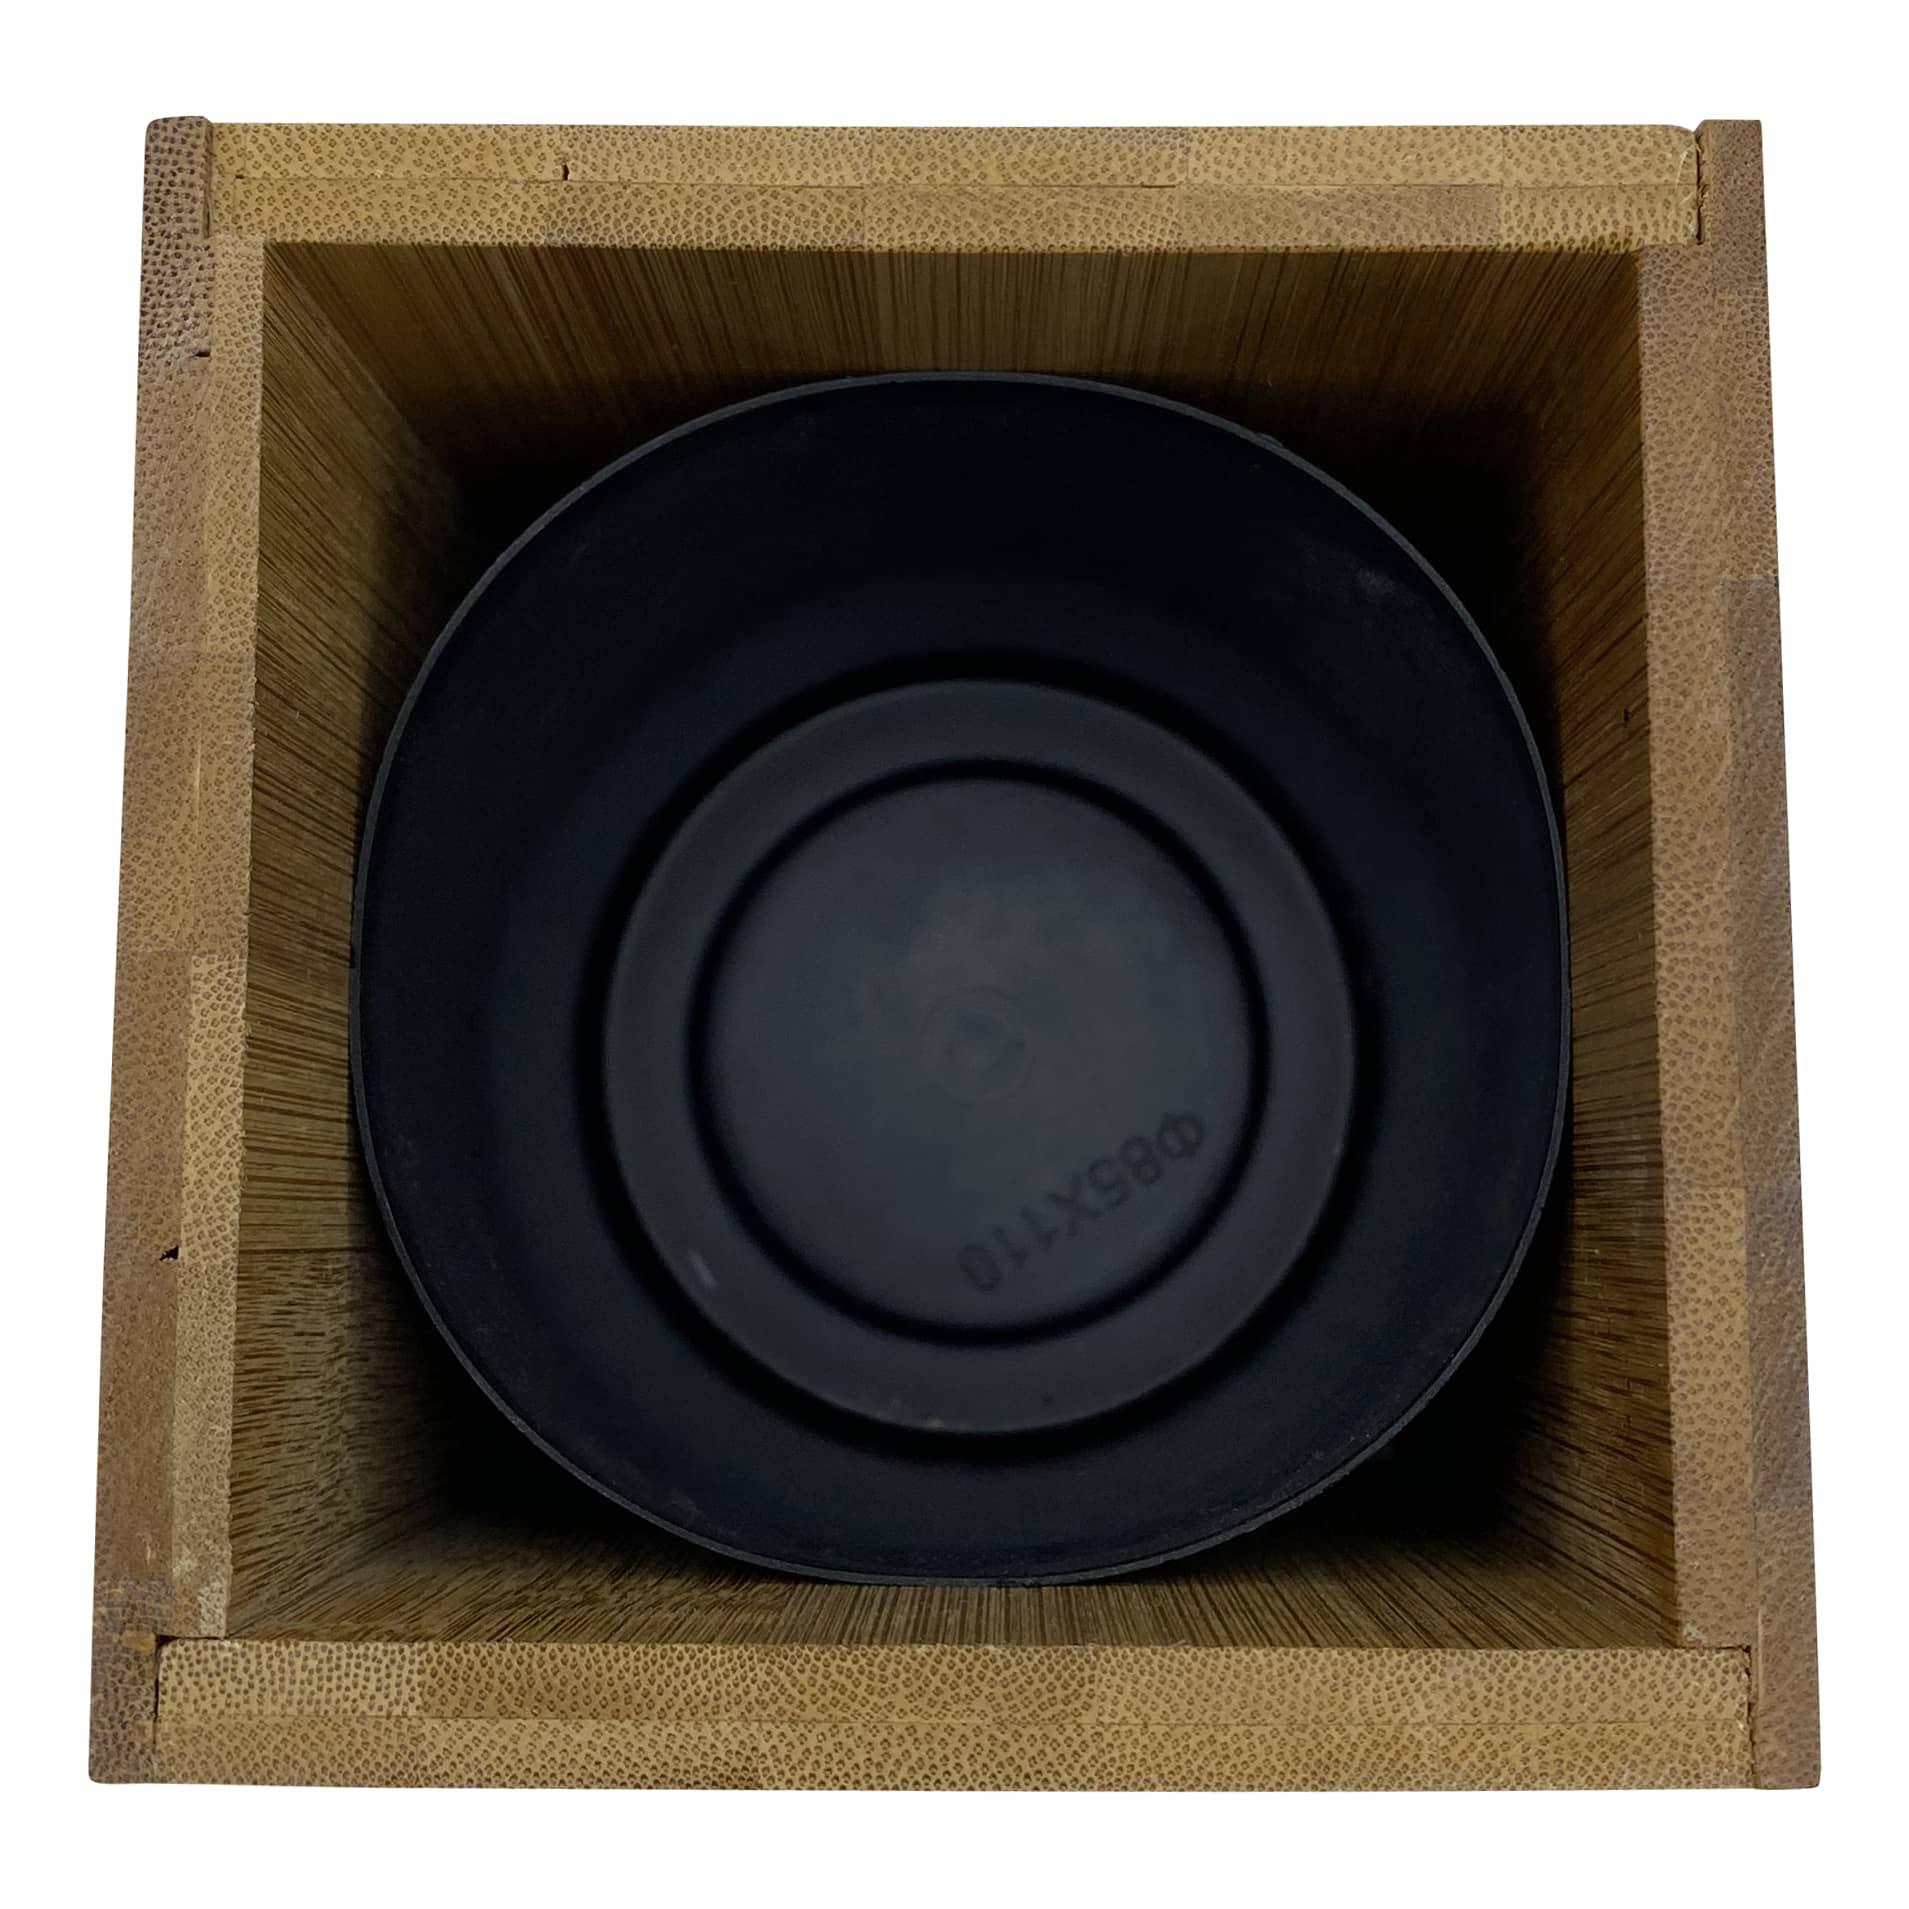 4Goodz Bamboo Toiletborstel van Bamboe met metalen borstel - 10x36 cm